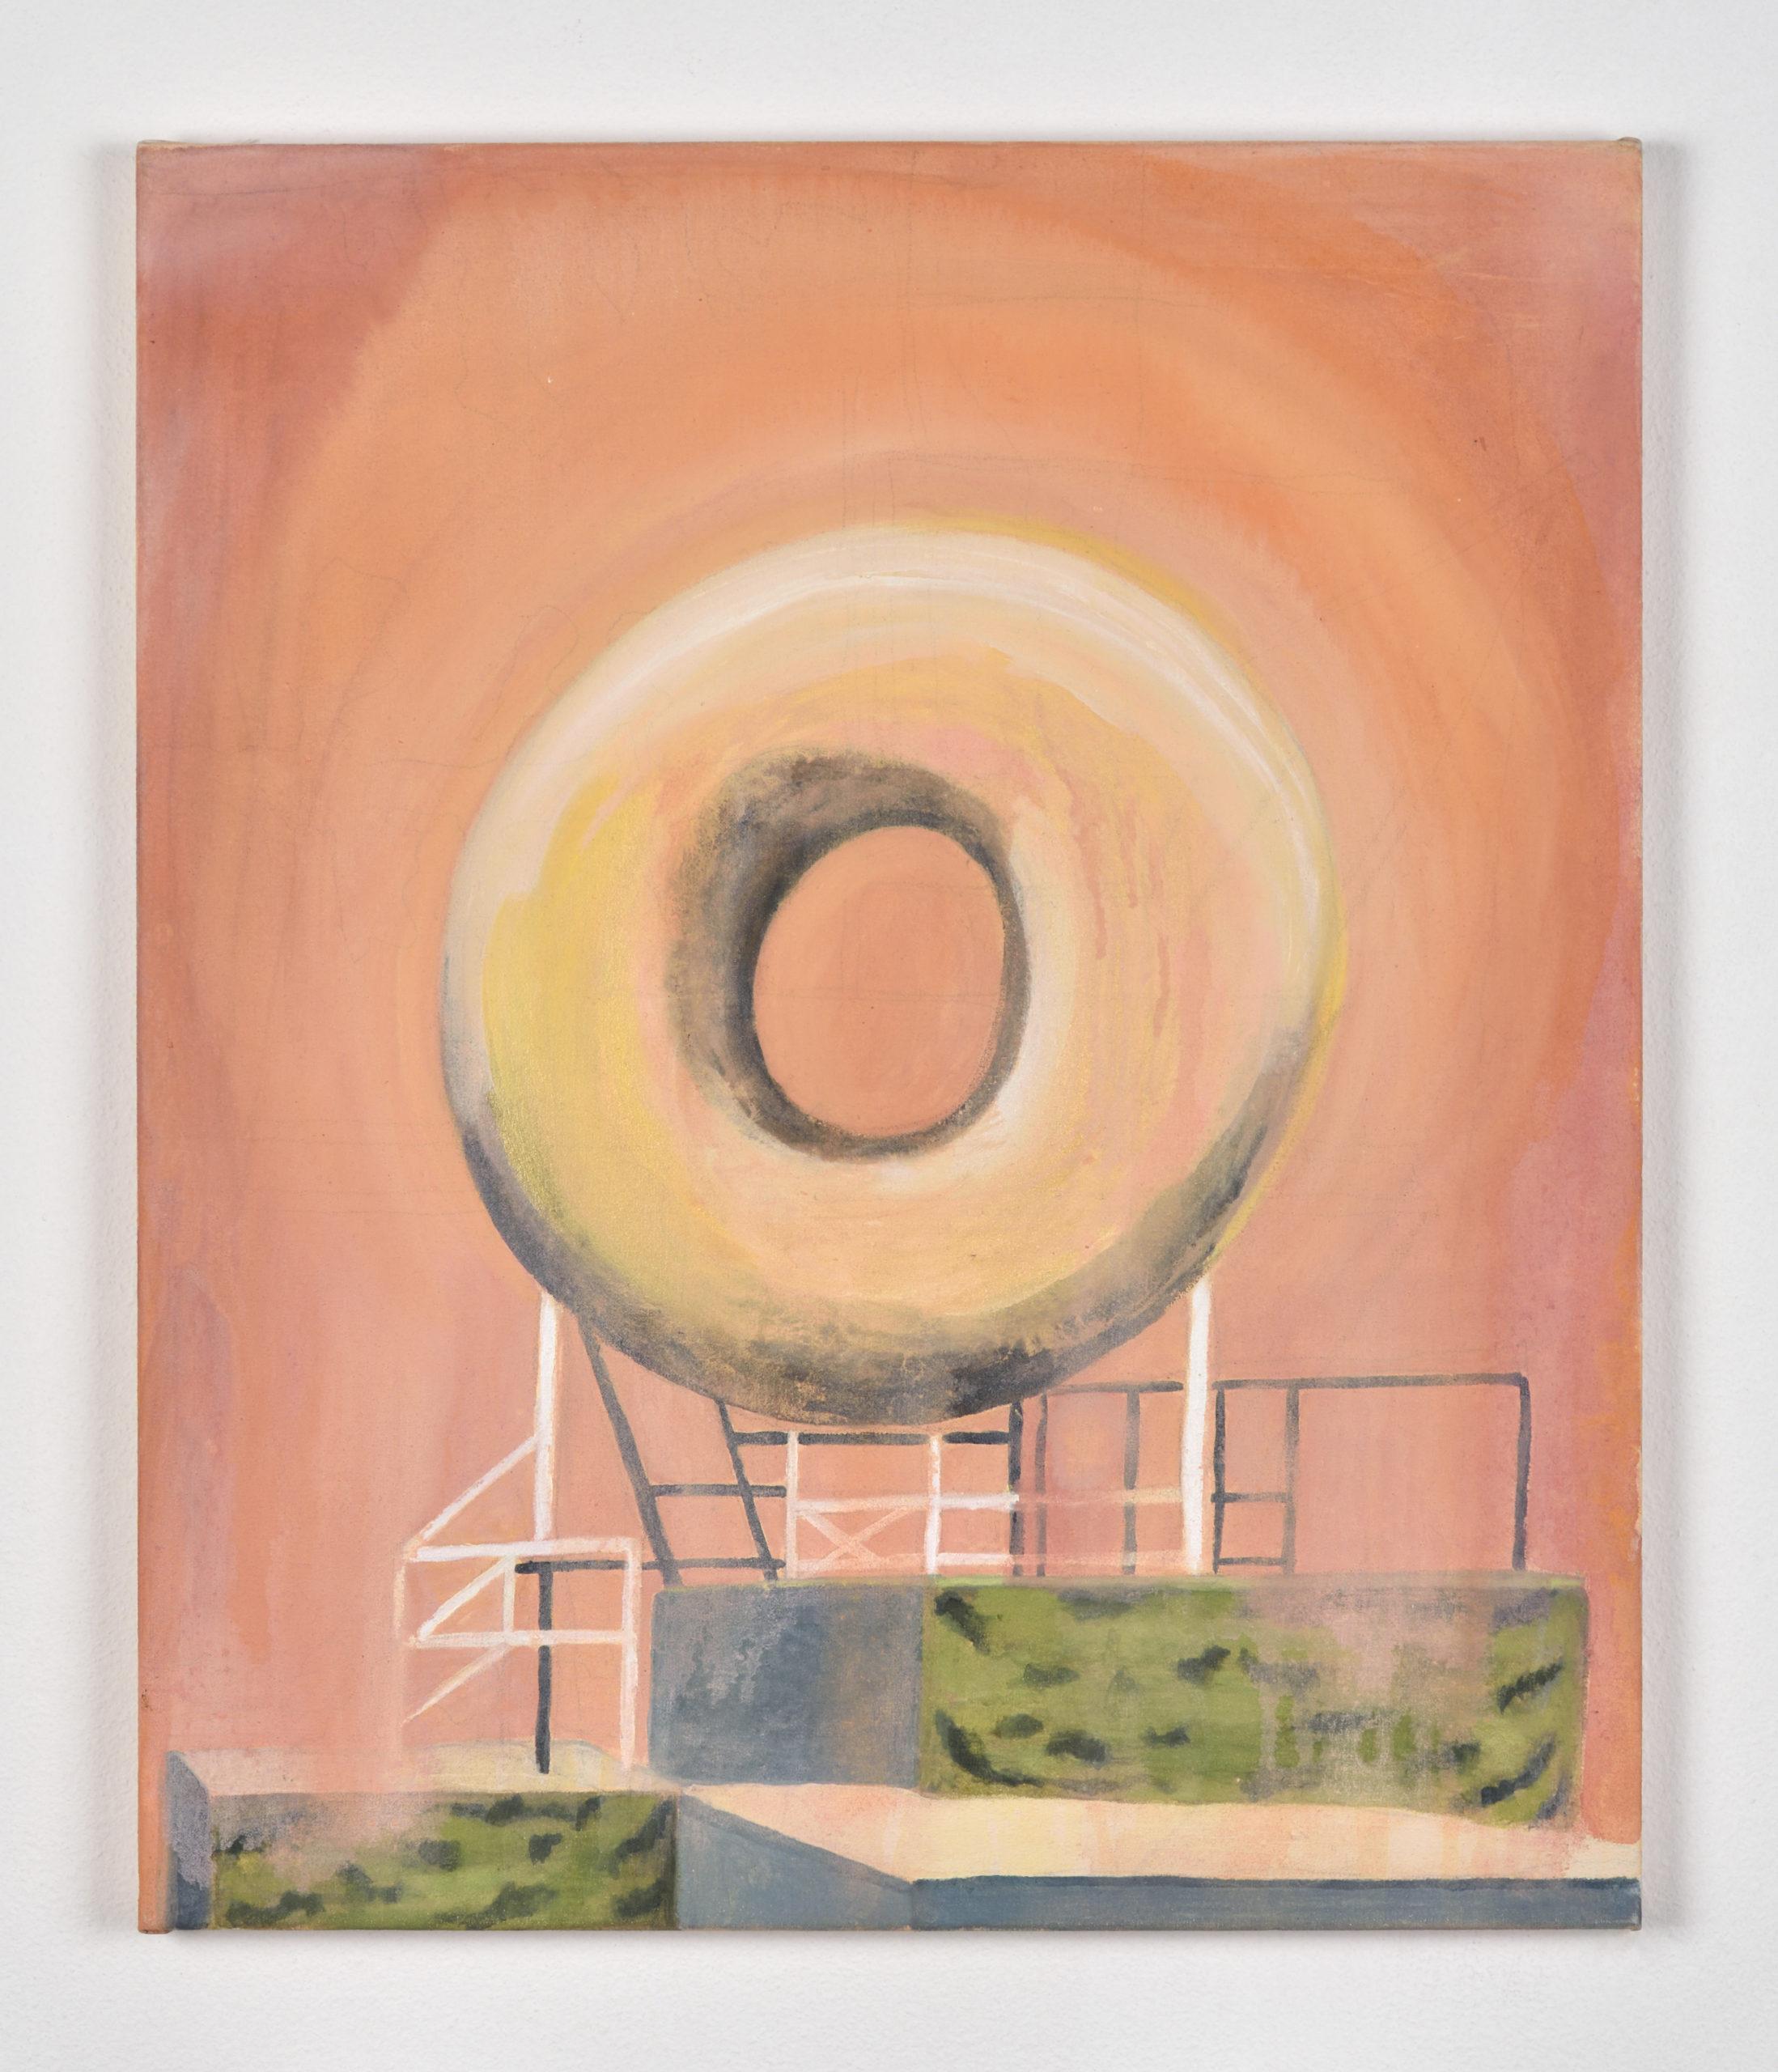 Vanessa Fanuele / Domus sun / Huile sur toile - Oil on canvas / 60 x 50 cm / 2020